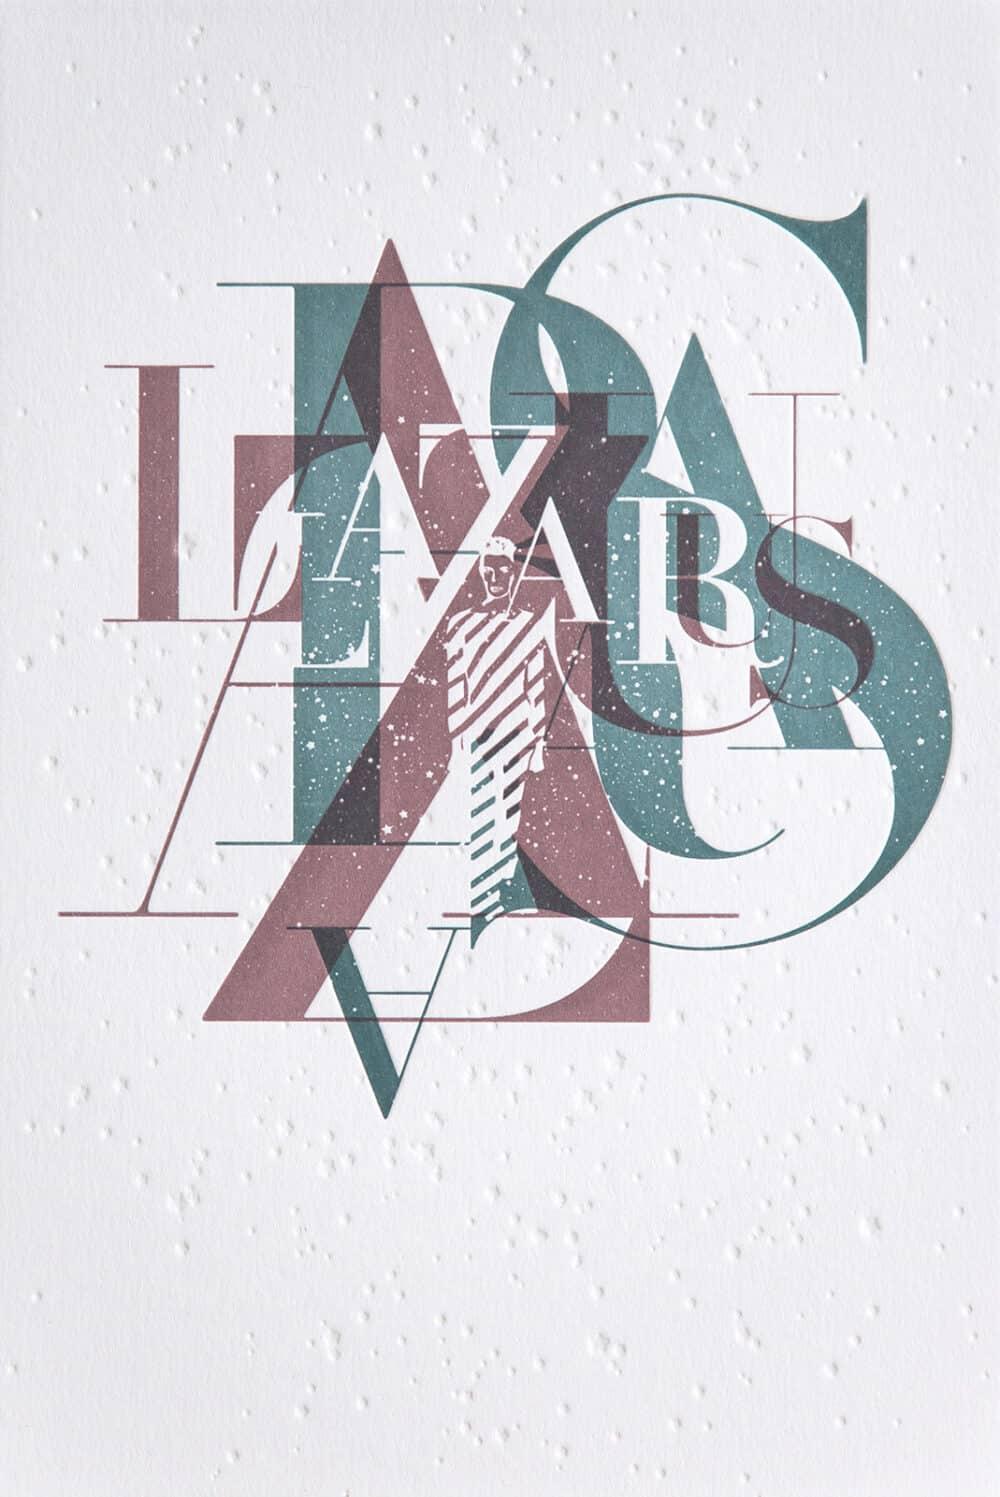 LAZARUS - Letterpress Art Print